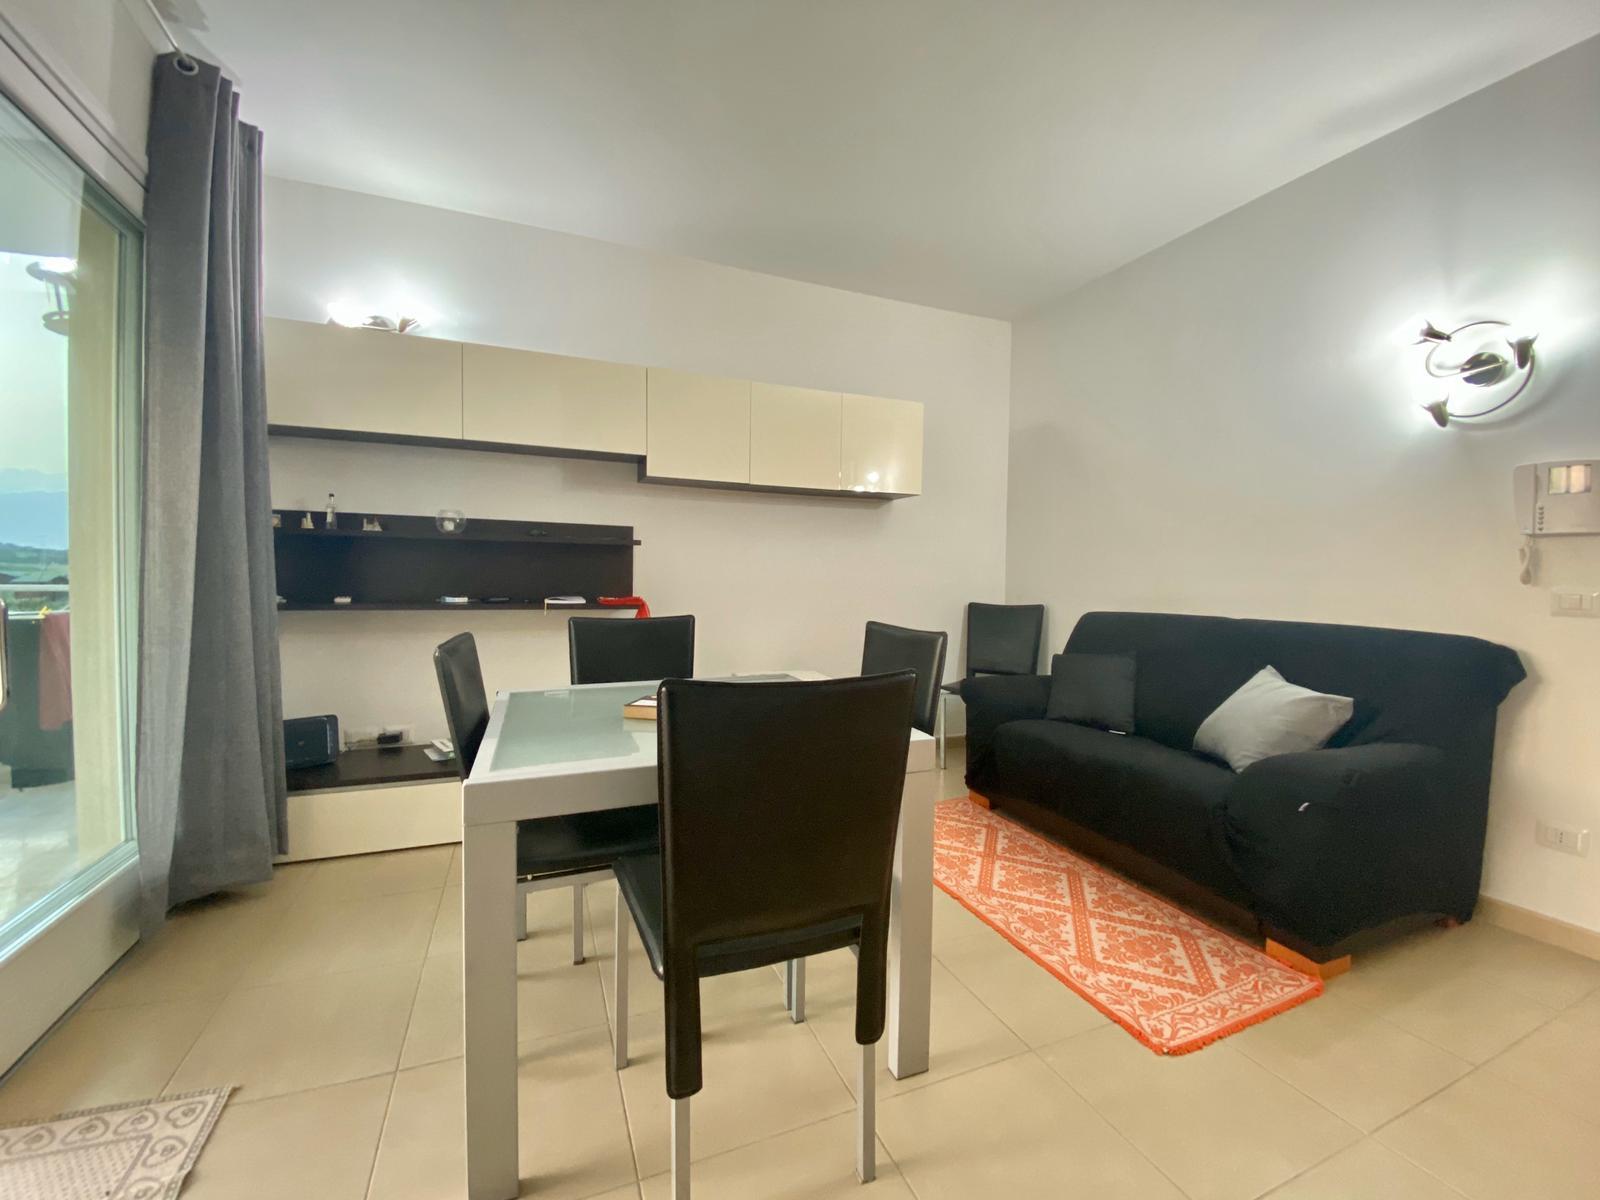 Appartamento in vendita a Olbia - Porto Rotondo, 2 locali, prezzo € 125.000 | CambioCasa.it